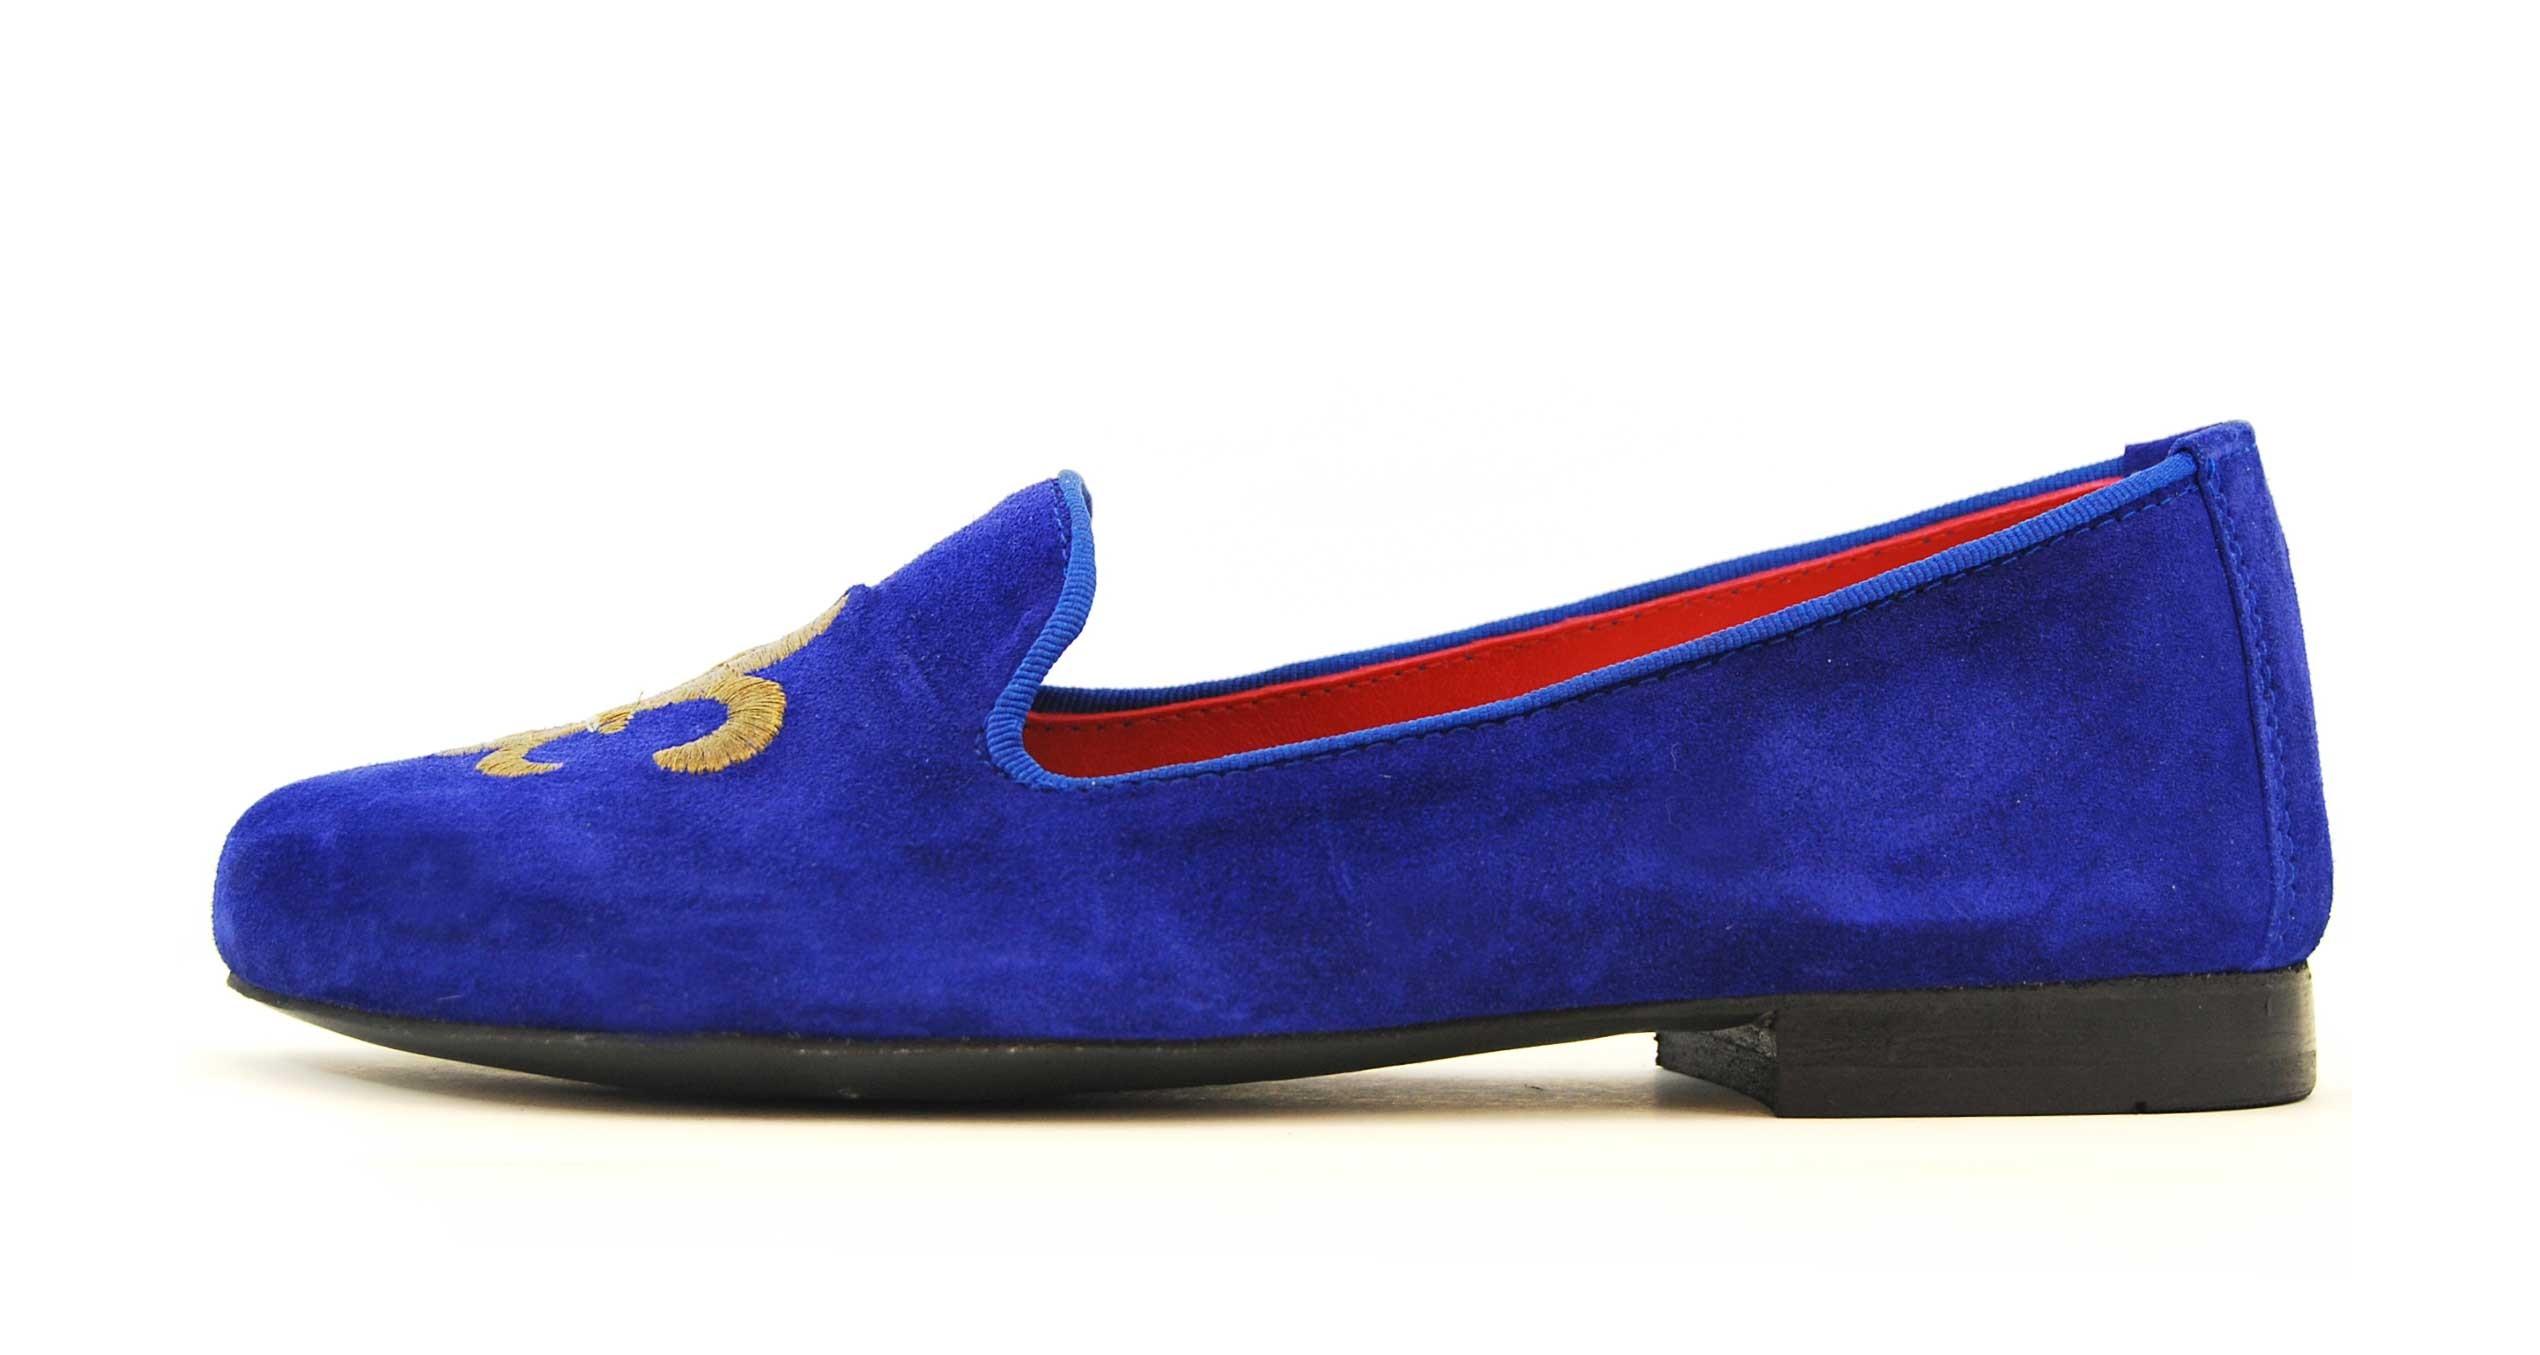 Foto 1 de Velvet slippers azulon 884 bordado flor de lis cobre